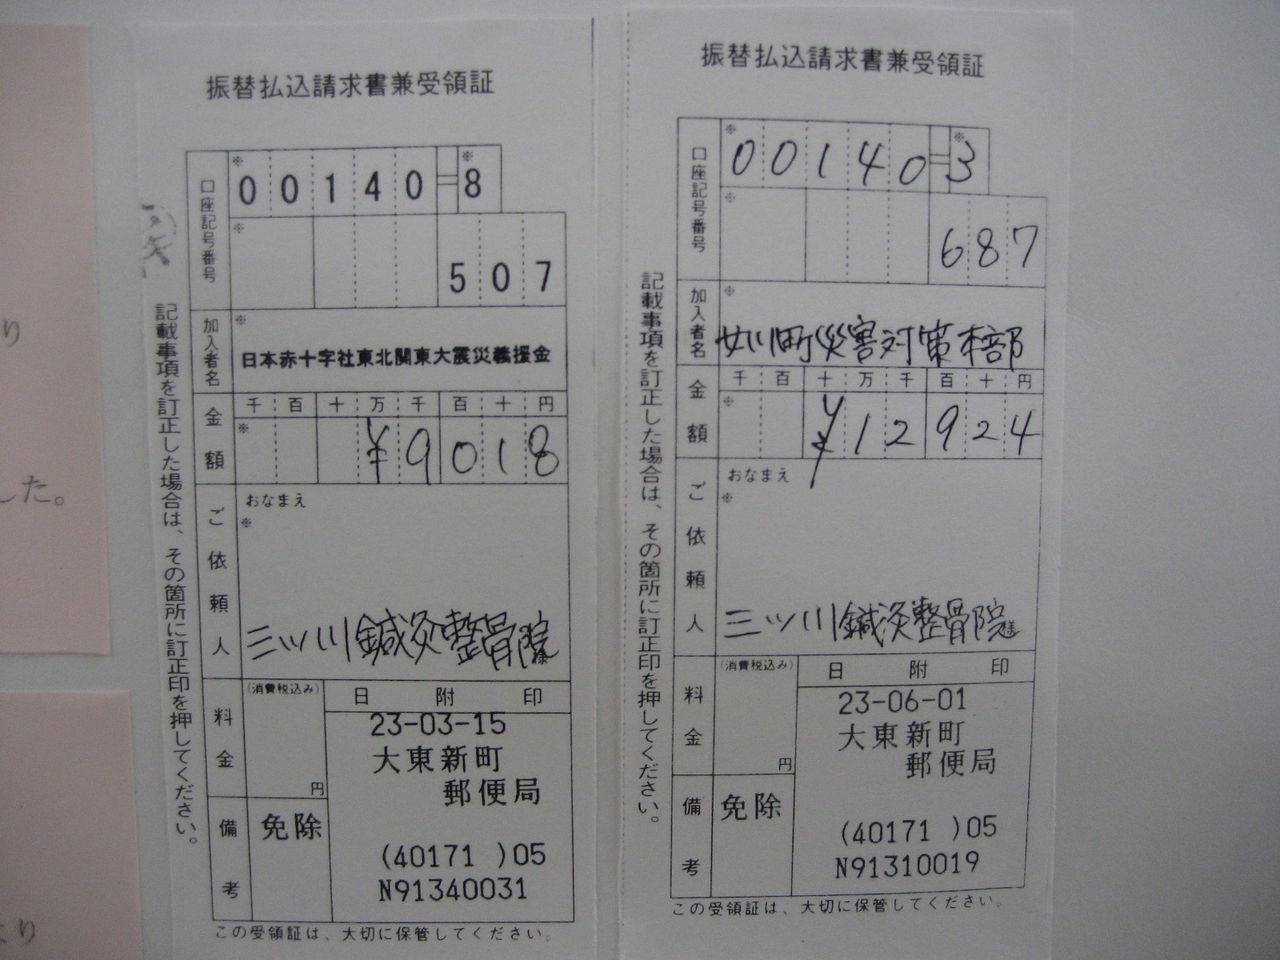 義援金を送金しました | 不妊|鍼灸|大阪|不妊の鍼灸治療は三ツ川レディース鍼灸院